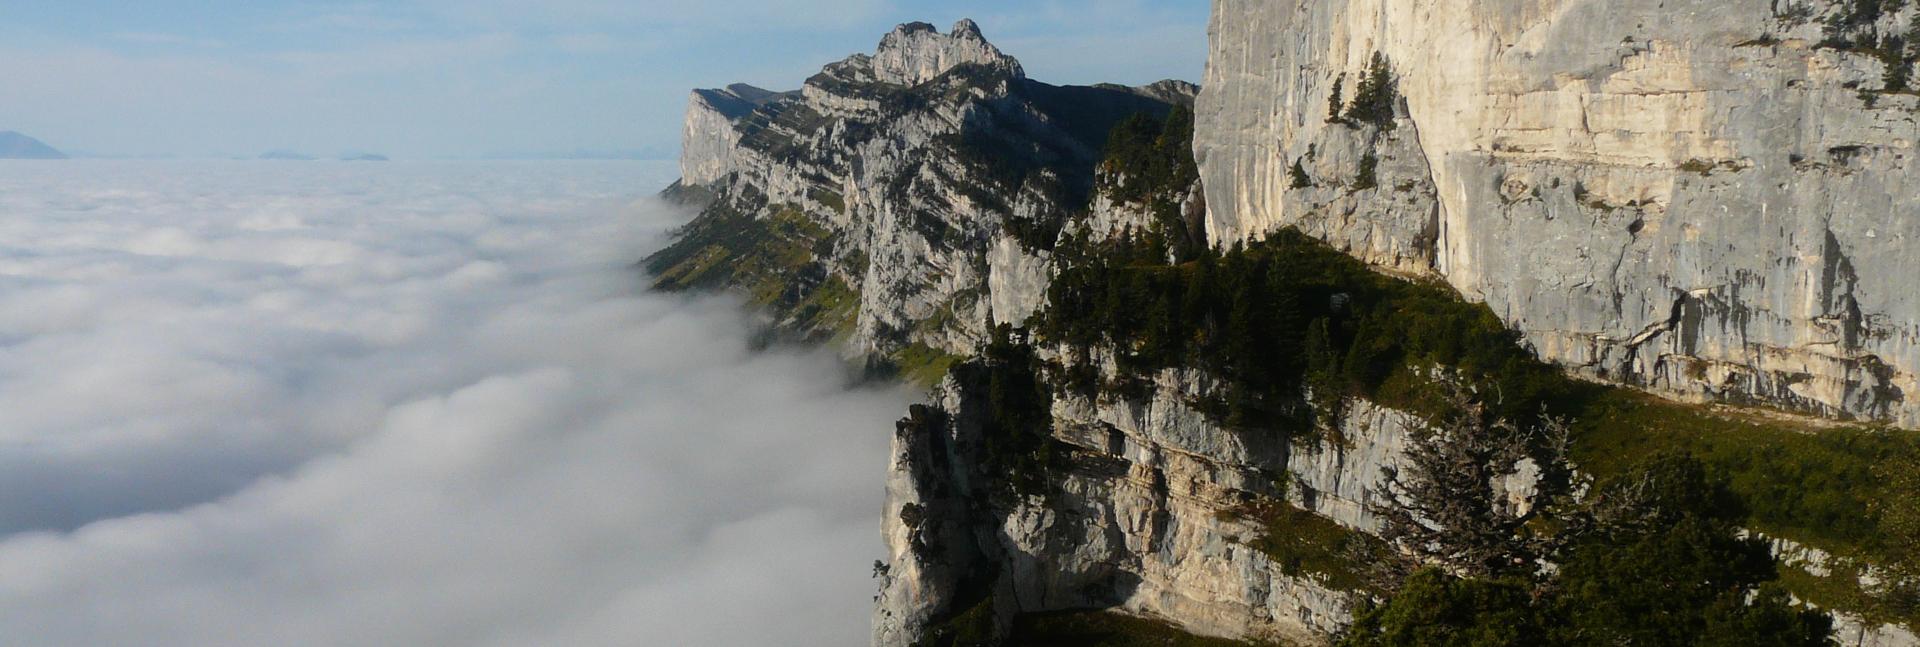 Chartreuse Hauts Plateaux